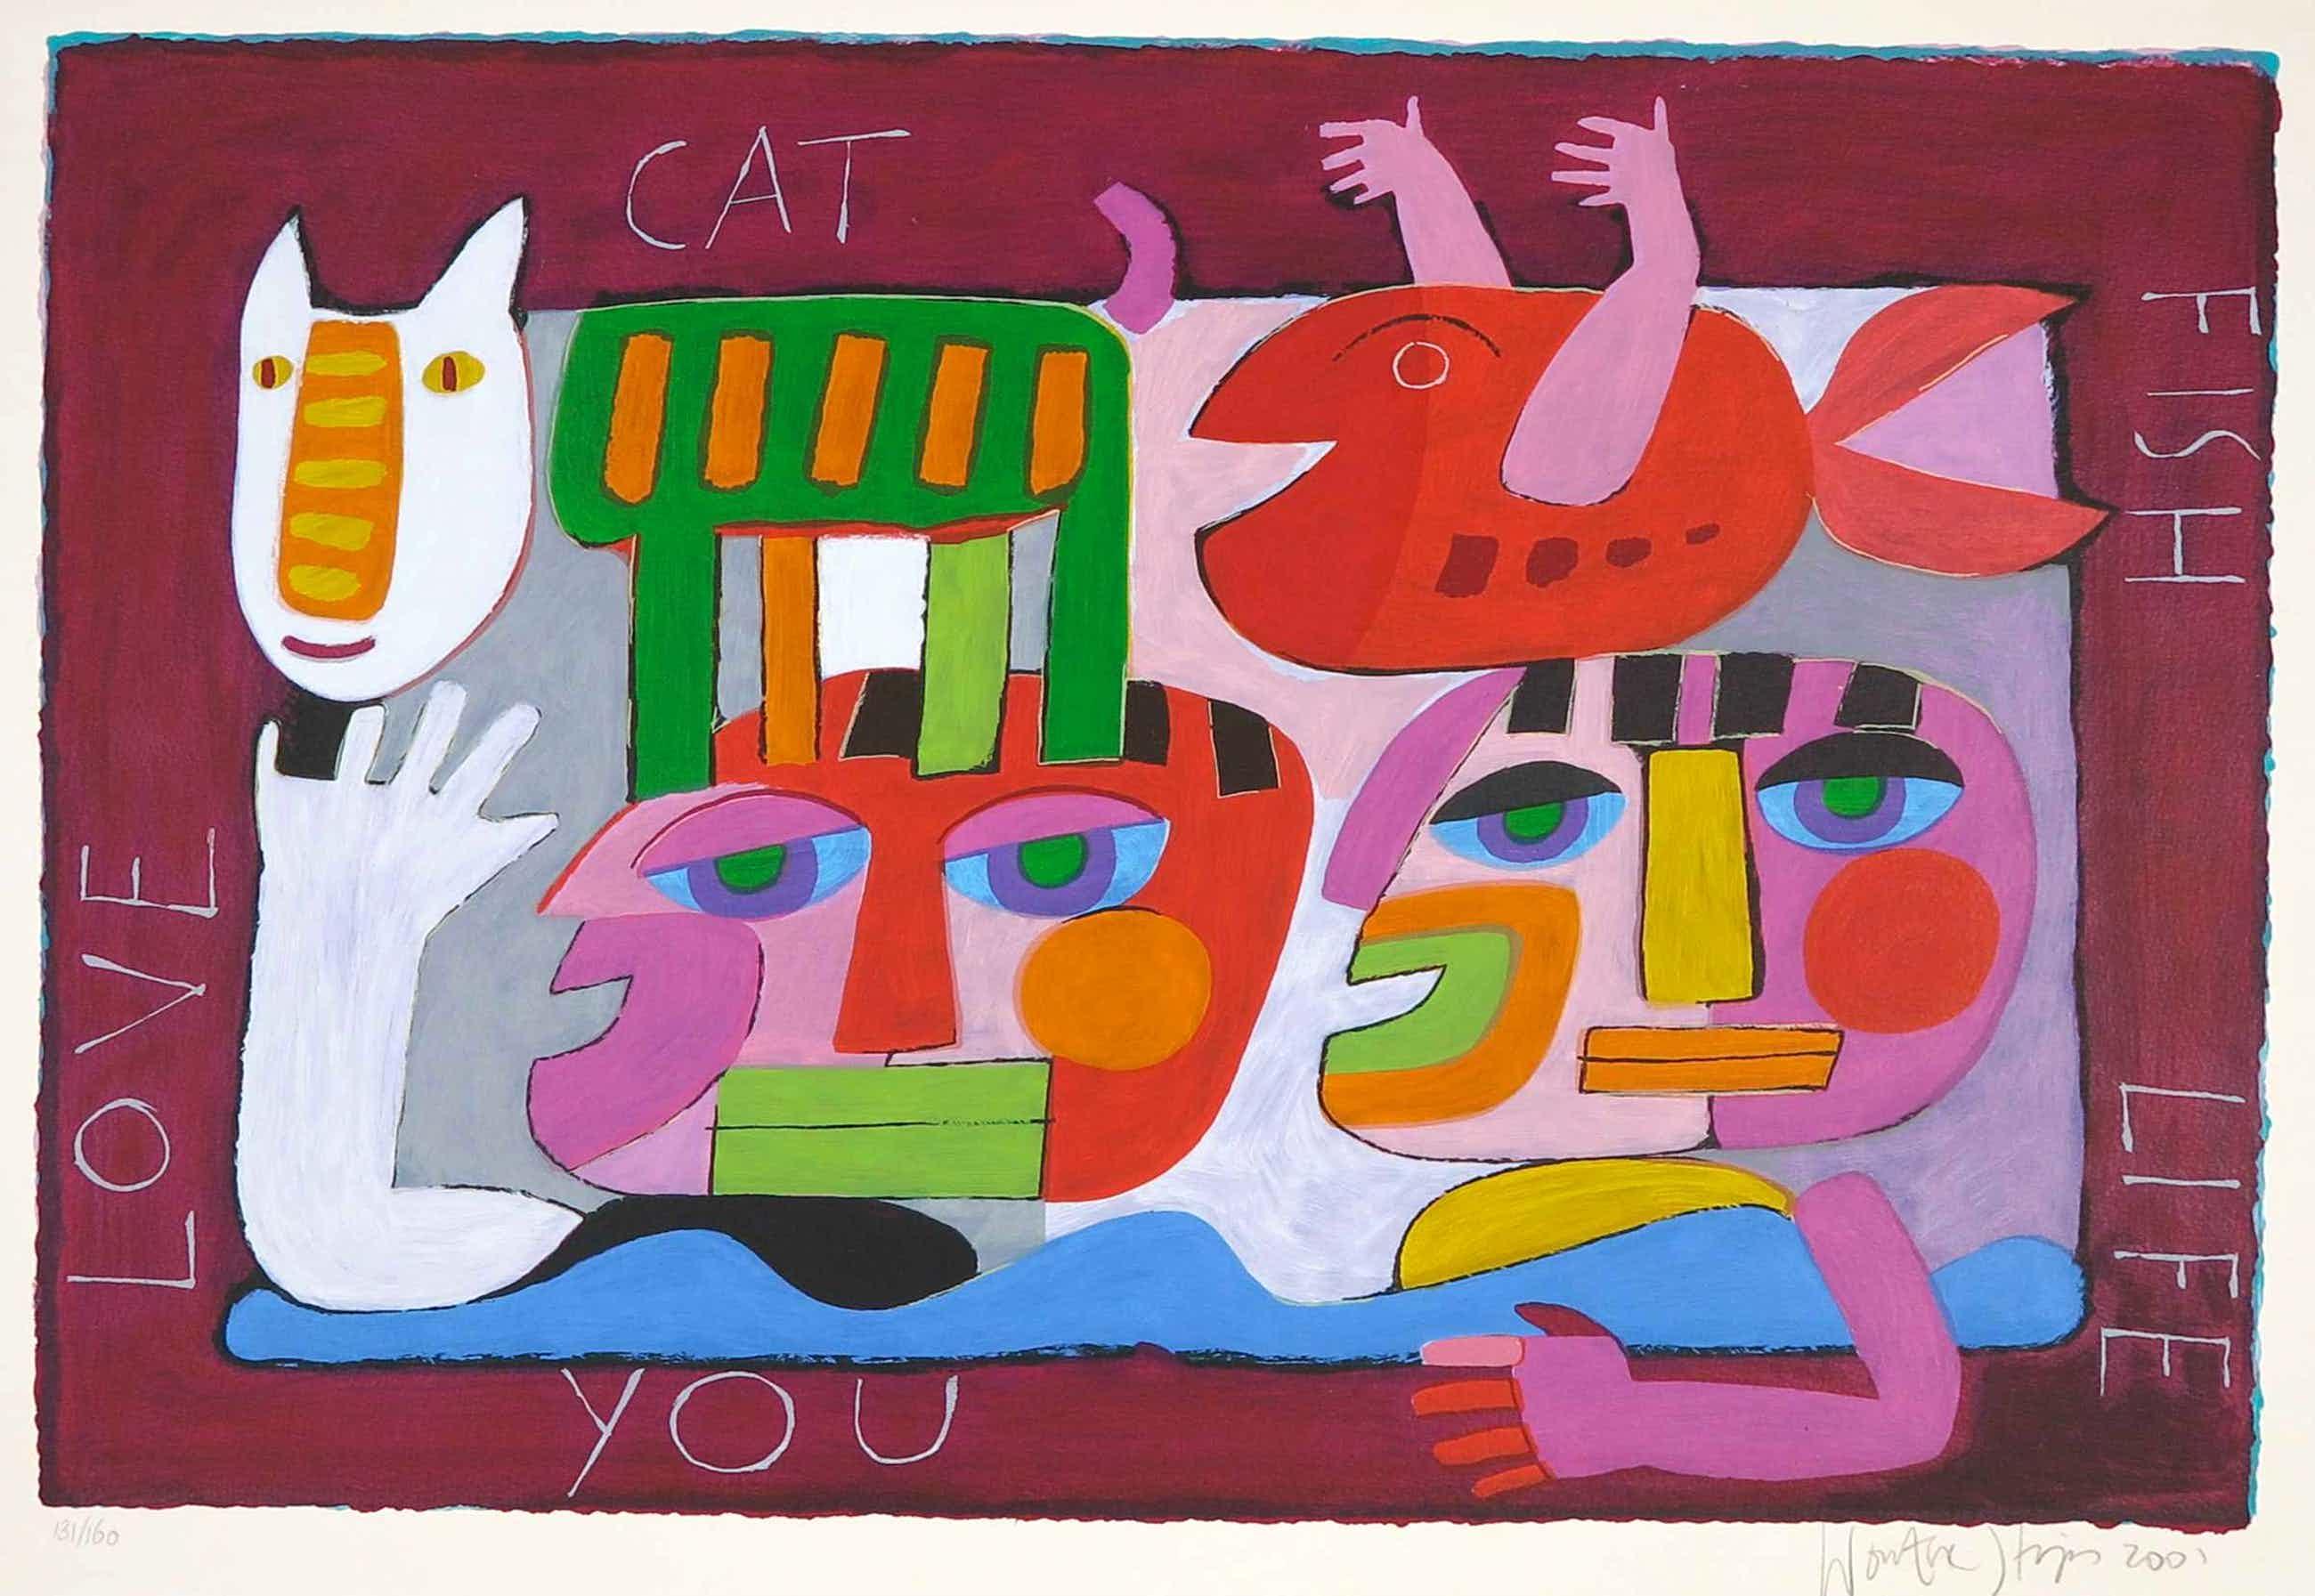 Wouter Stips - Zeefdruk, Love Cat Fish Life You kopen? Bied vanaf 52!